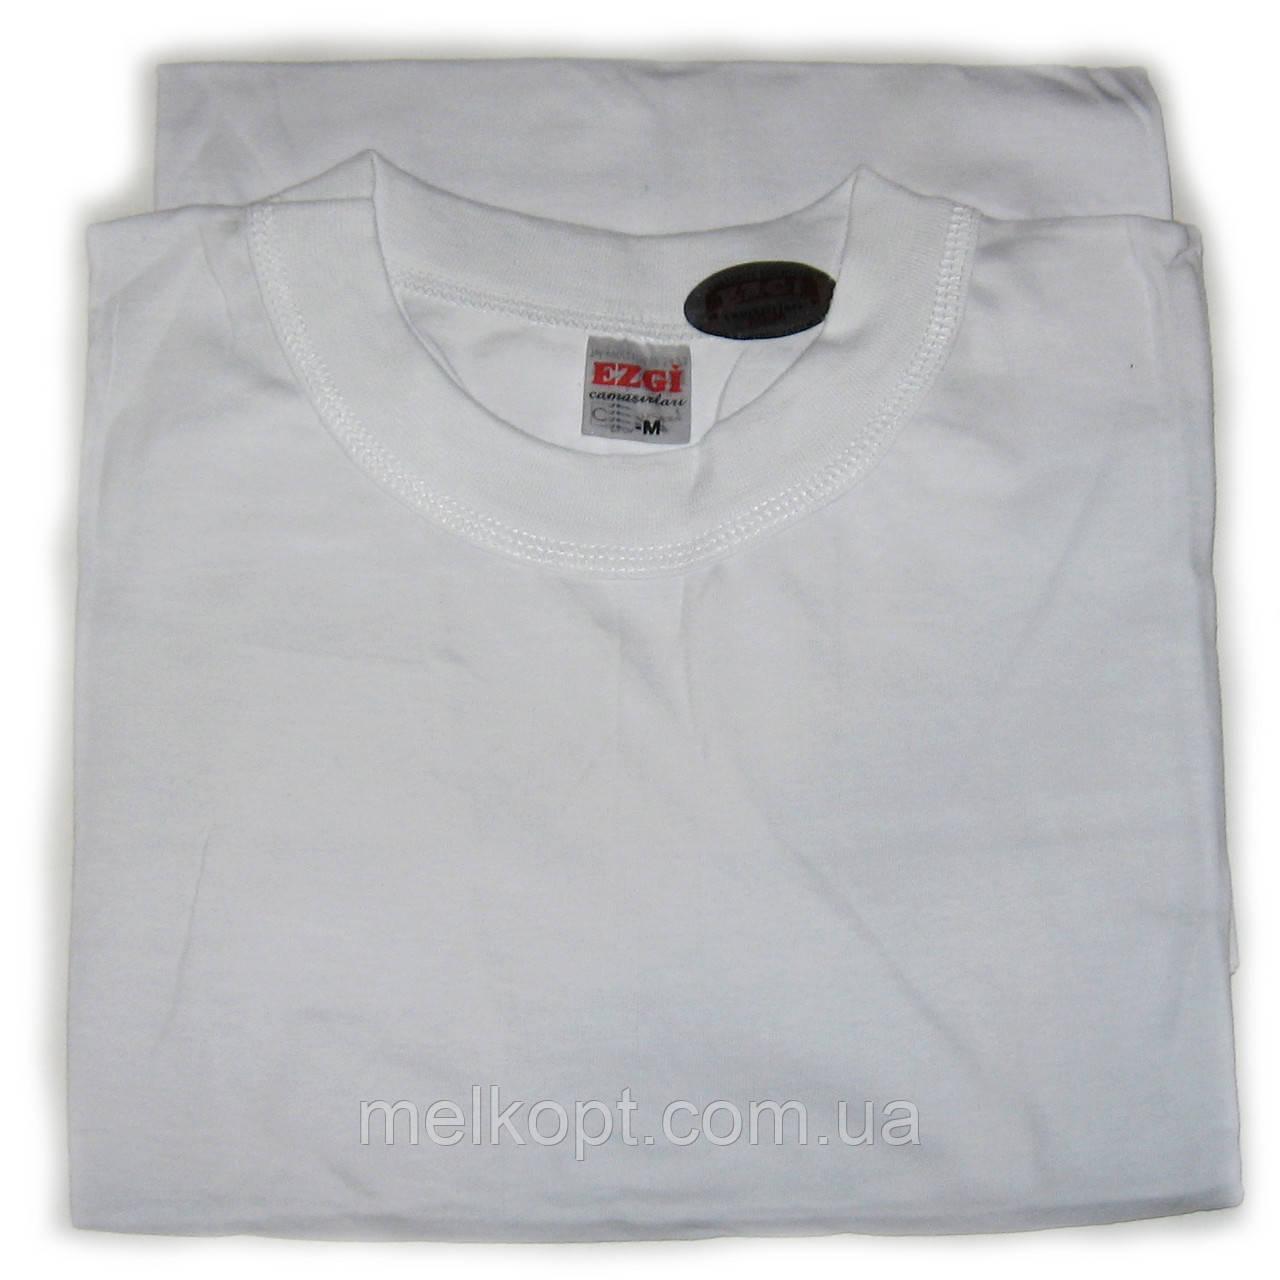 Чоловічі футболки Ezgi - 72,00 грн./шт. (80-й розмір, білі)